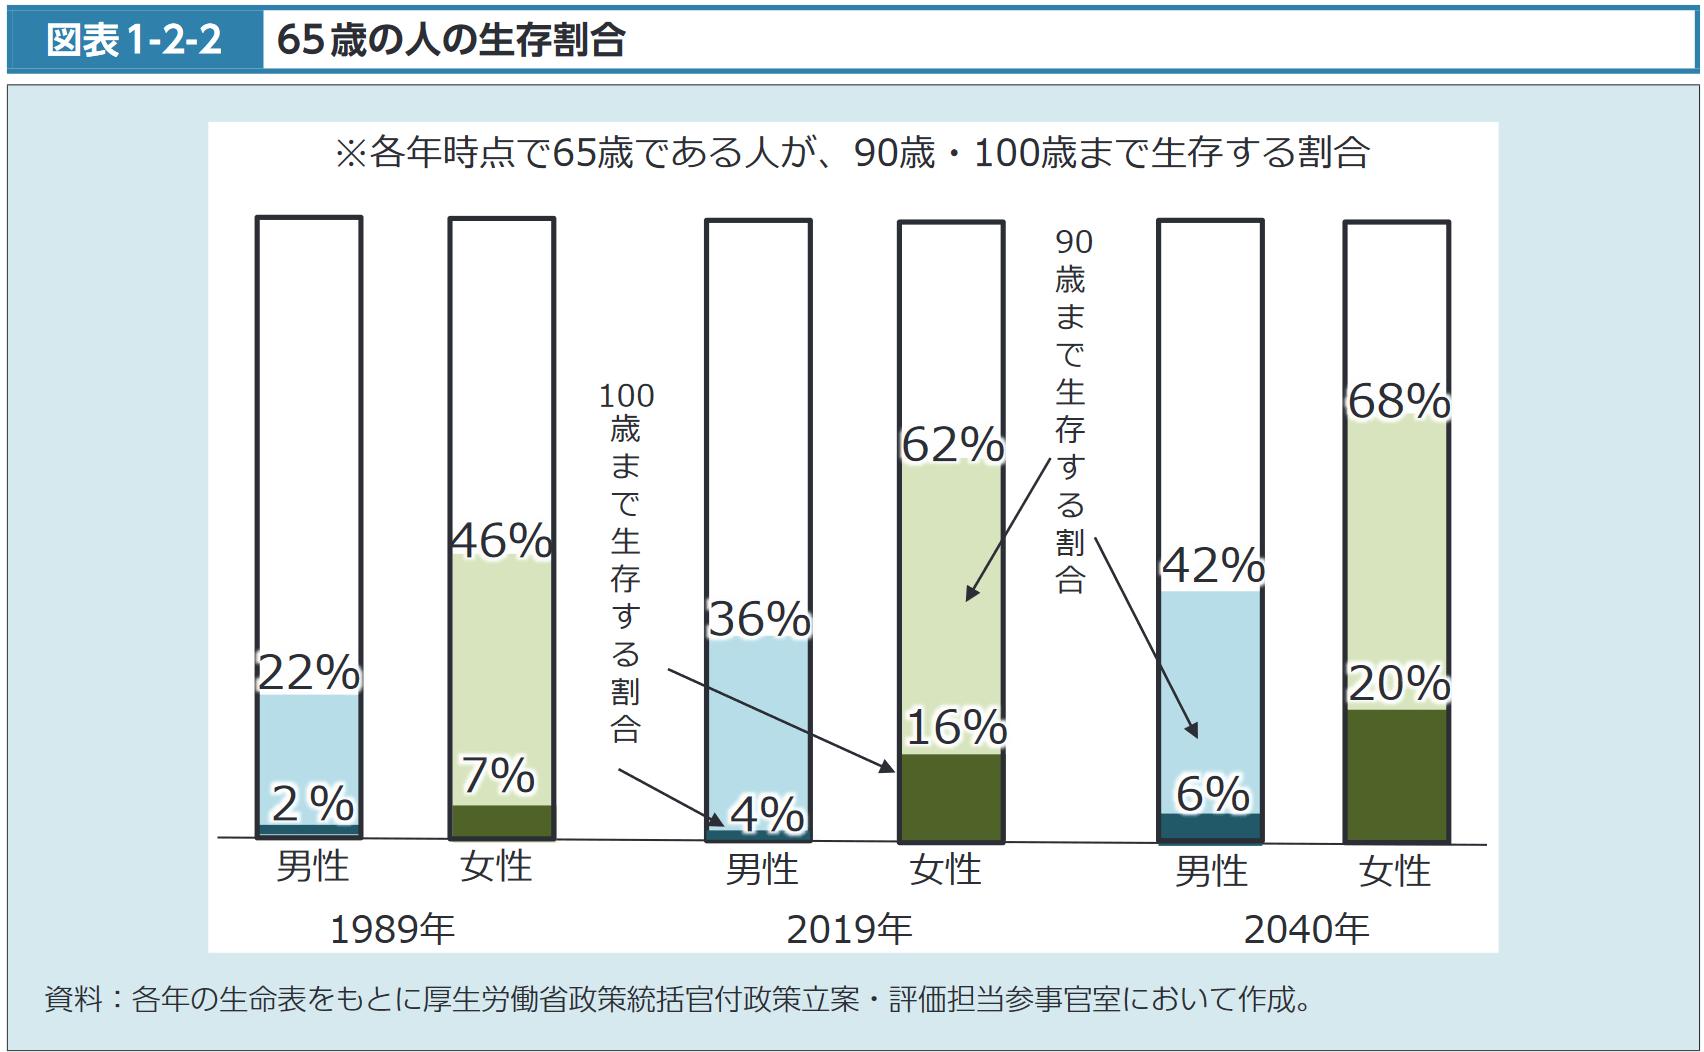 65歳の人の生存割合